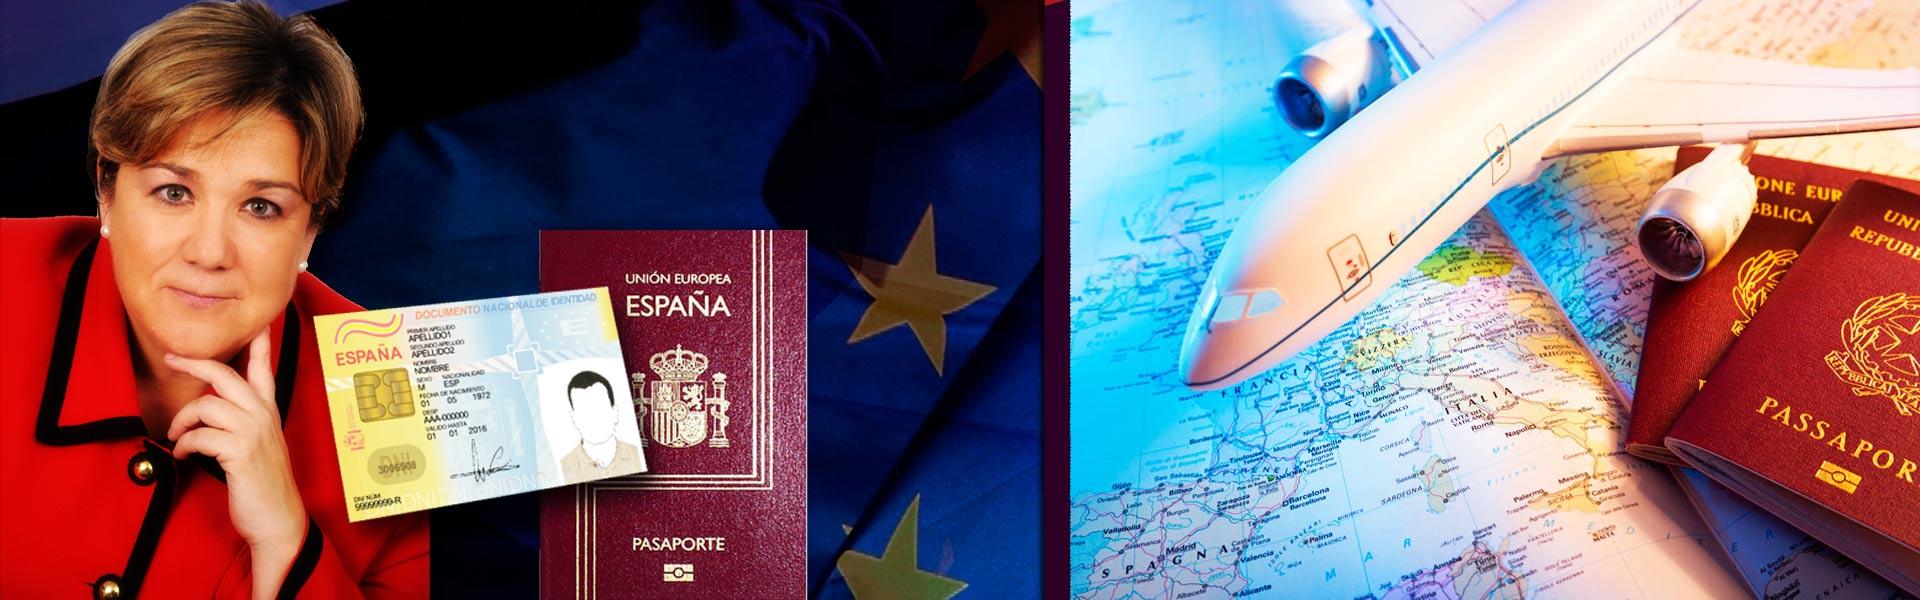 Abogado de imigración barato en Madrid